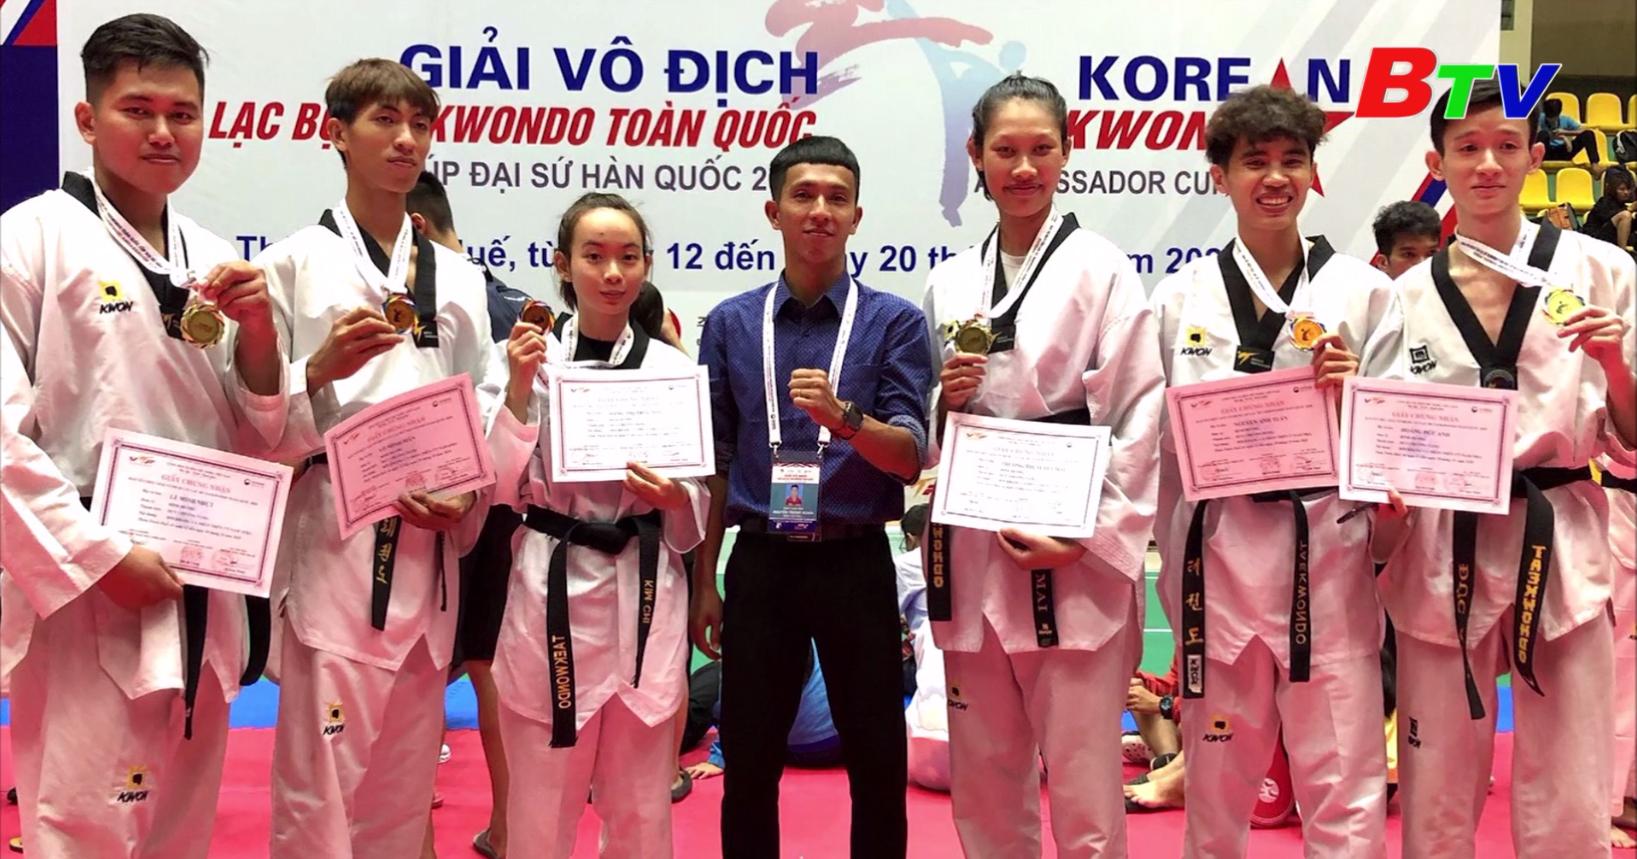 Bình Dương xếp vị trí thứ 6 toàn đoàn tại Giải vô địch CLB Taekwondo toàn quốc 2020